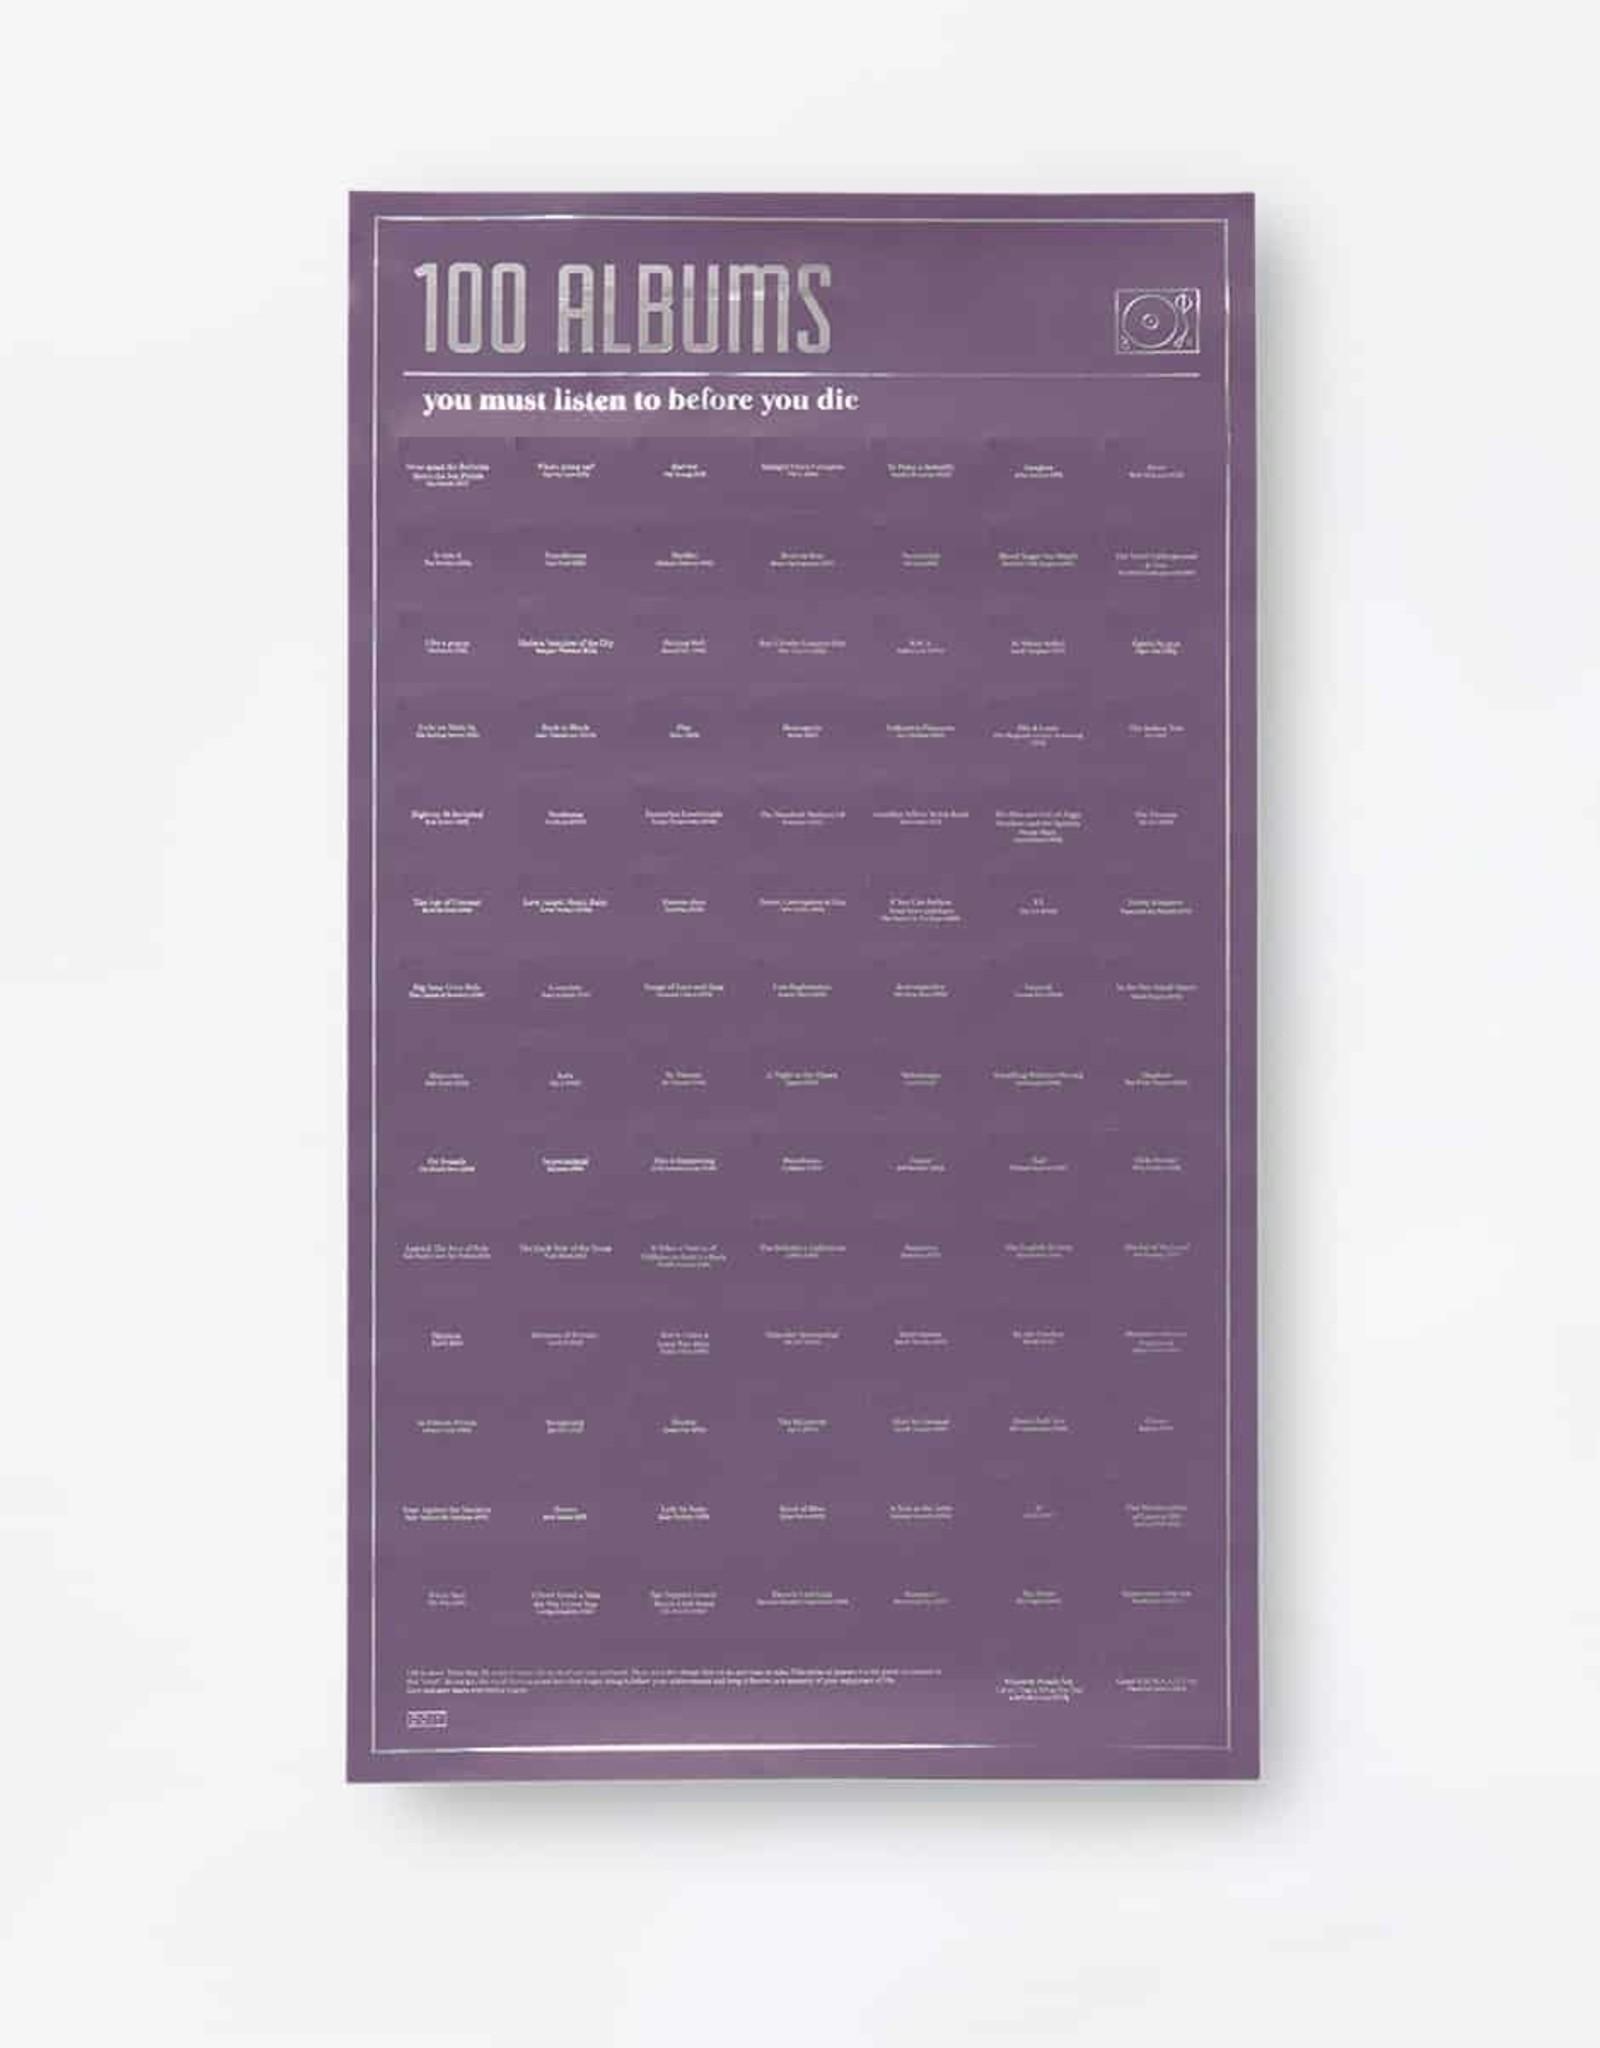 DOIY Doiy-100 Albums You Must Listen